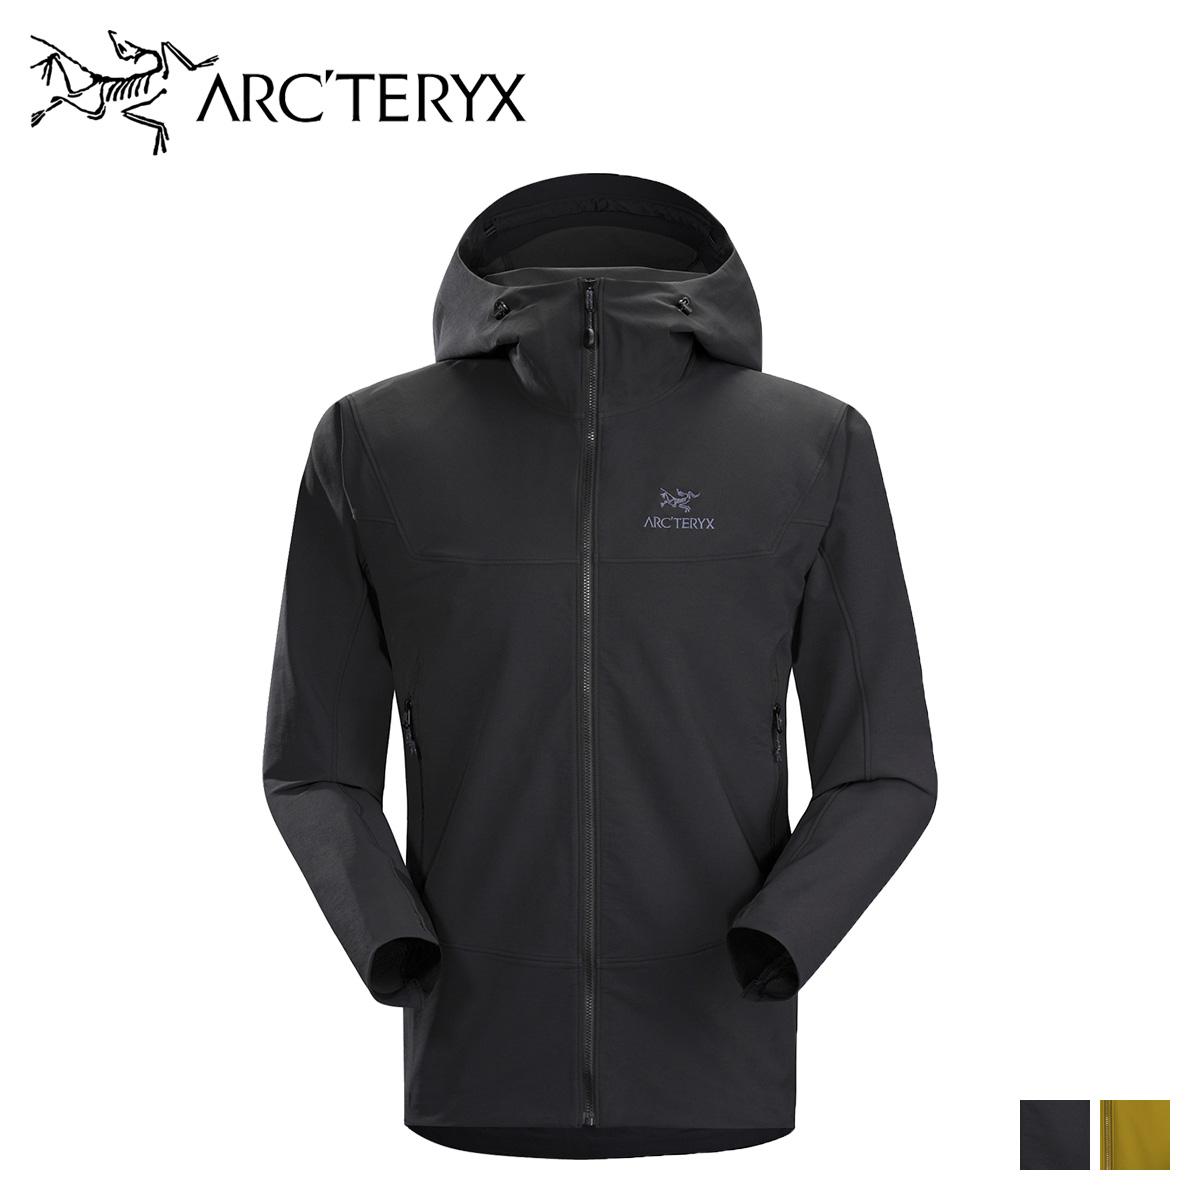 アークテリクス ARCTERYX ジャケット マウンテンパーカ ガンマー メンズ GAMMA LT HOODY ブラック 黒